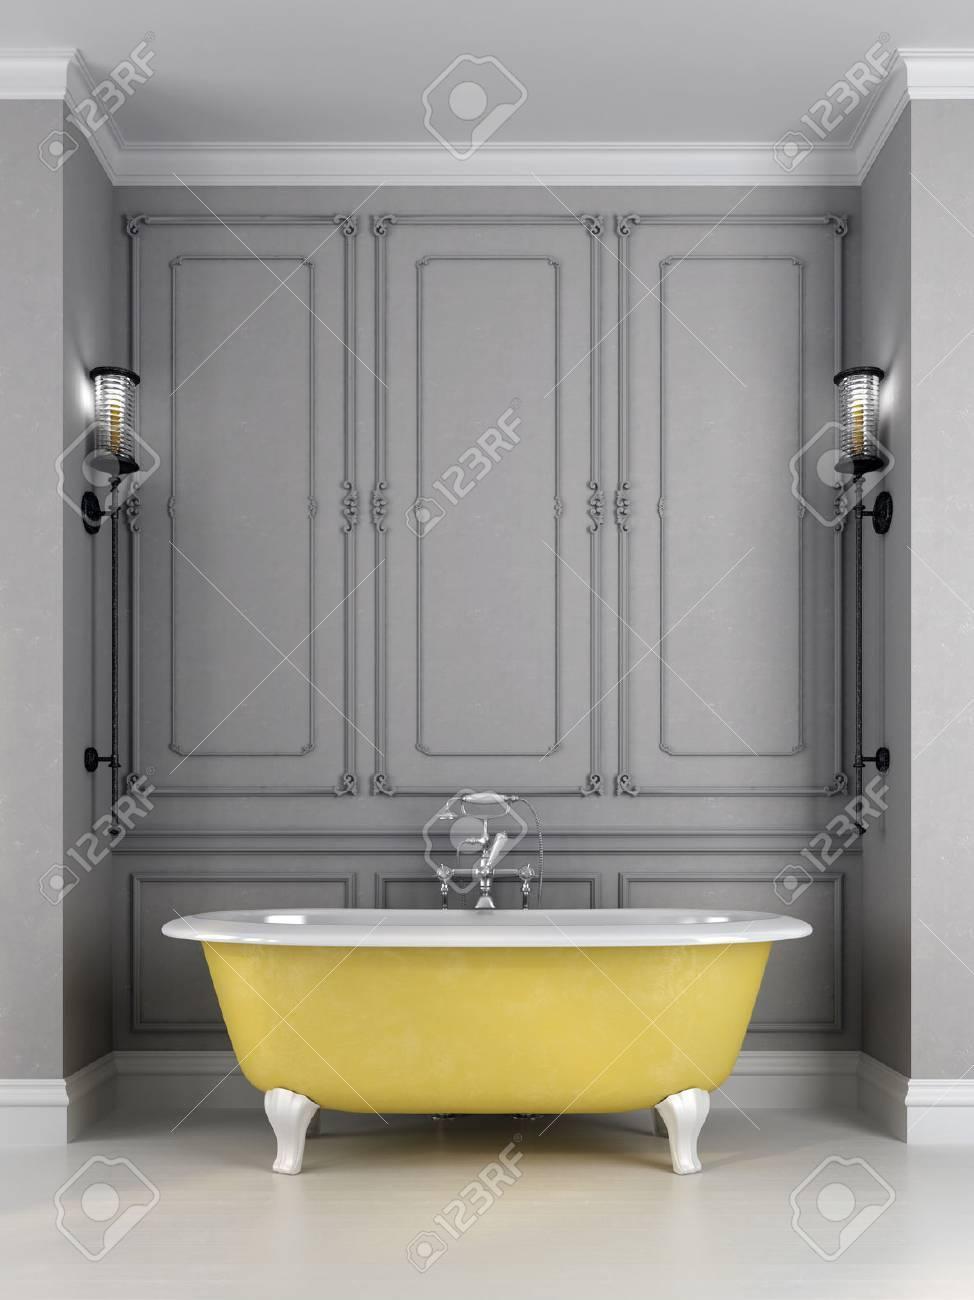 salle de bains dans un style classique composee de bain jaune vif contre un mur gris qui est decore d un motif et appliques sur les cotes